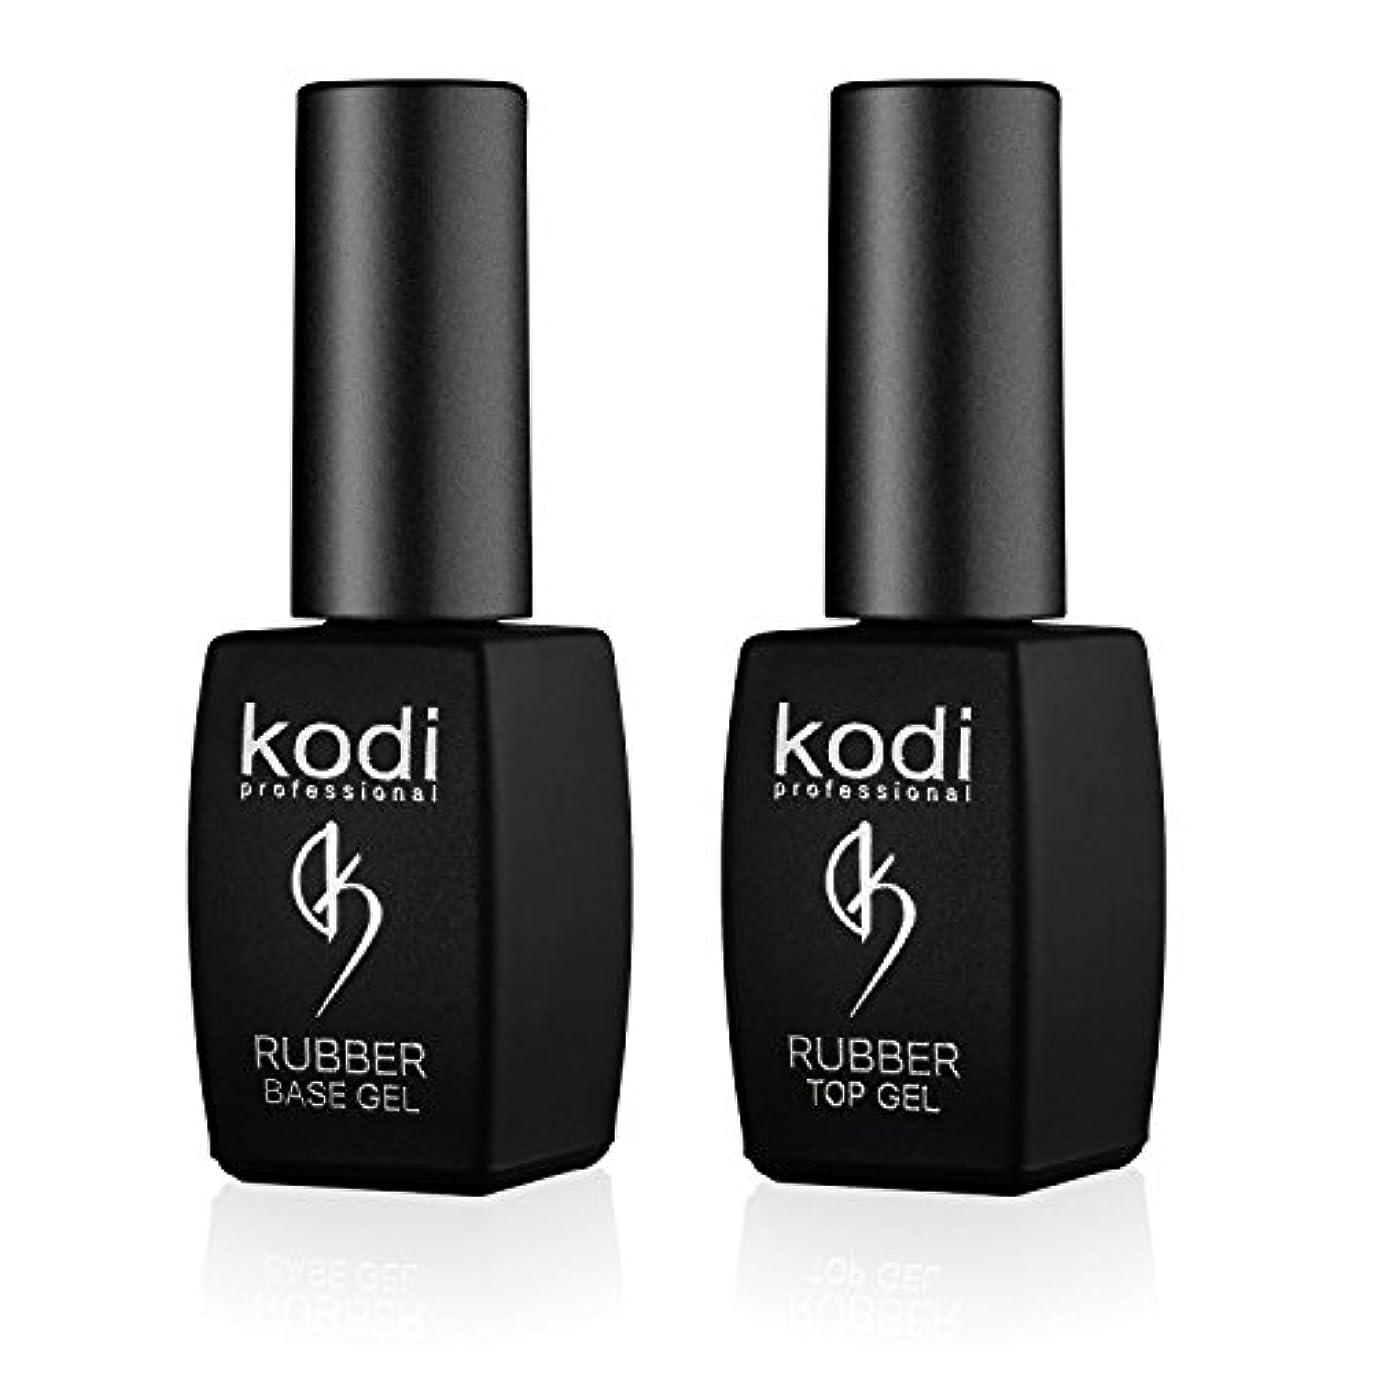 検出可能障害不信Kodi プロフェッショナルラバートップ&ベースジェルセット| 8ml 0.27オンス|爪のソークオフとポリッシュ コートキット|長持ちするネイルレイヤー|使いやすい、無毒&無香料| LEDまたはUVランプの下で硬化